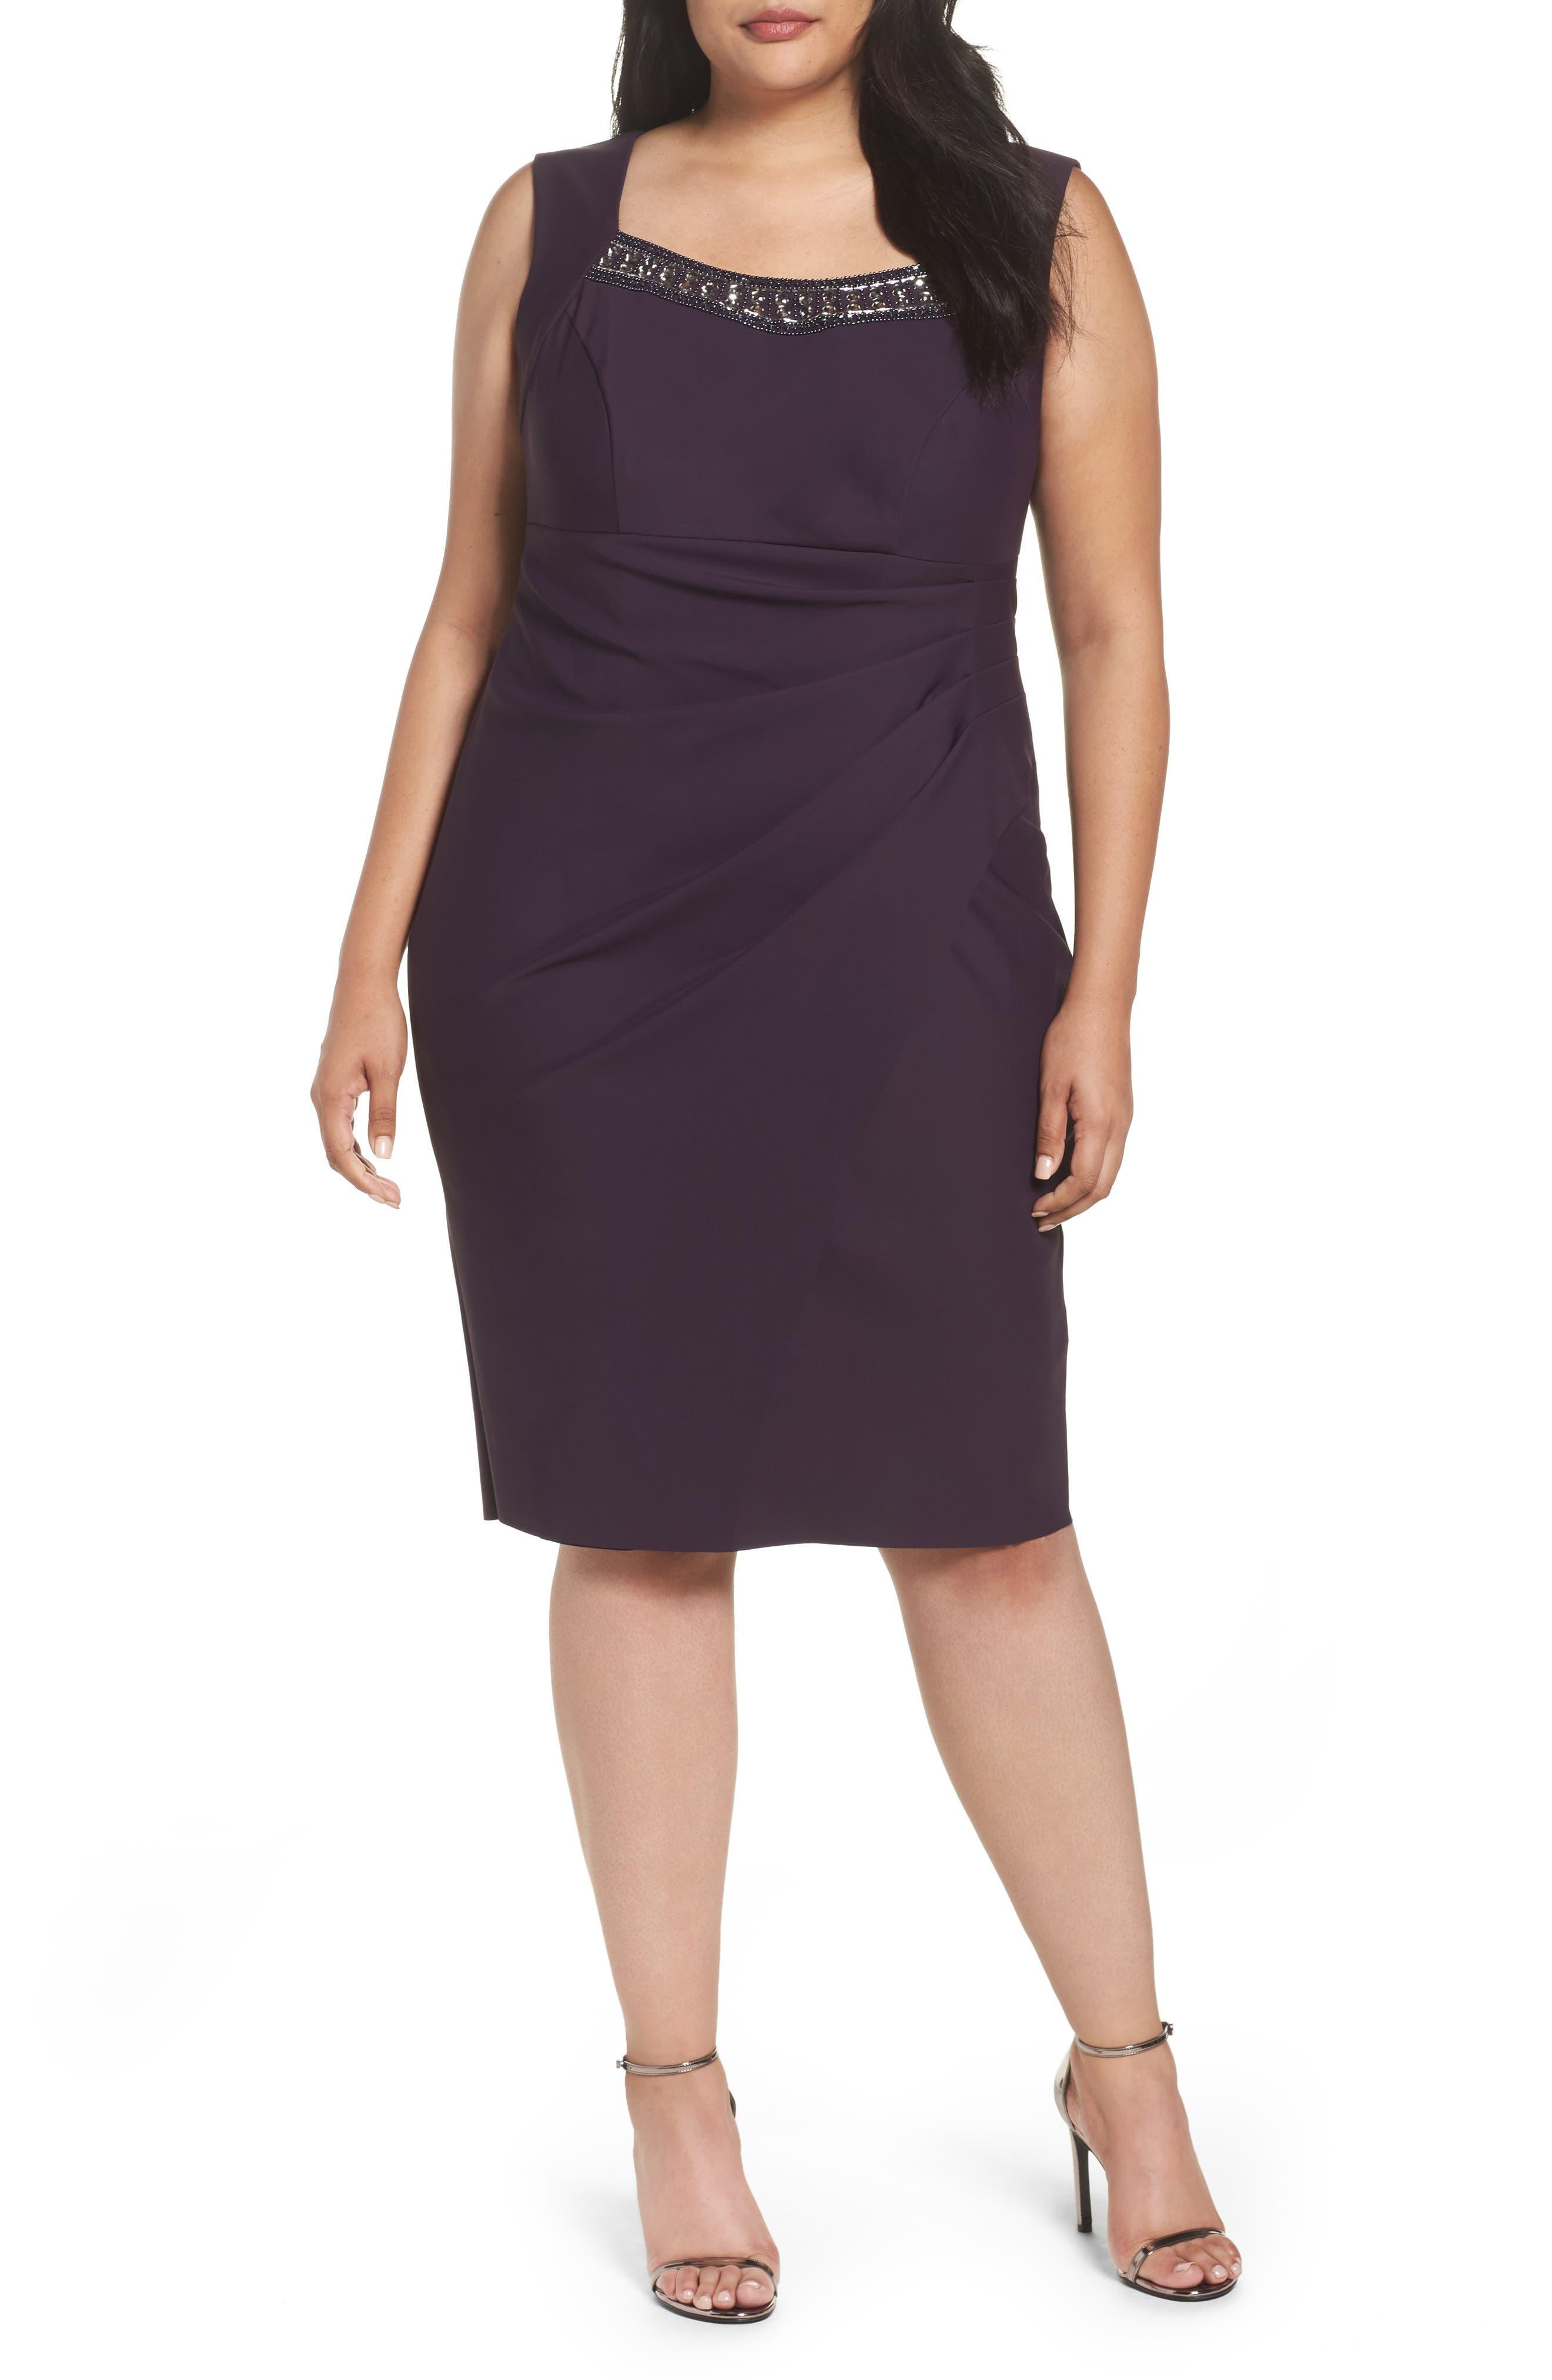 Main Image - Alex Evenings Embellished Square Neck Sleeveless Sheath Dress (Plus Size)